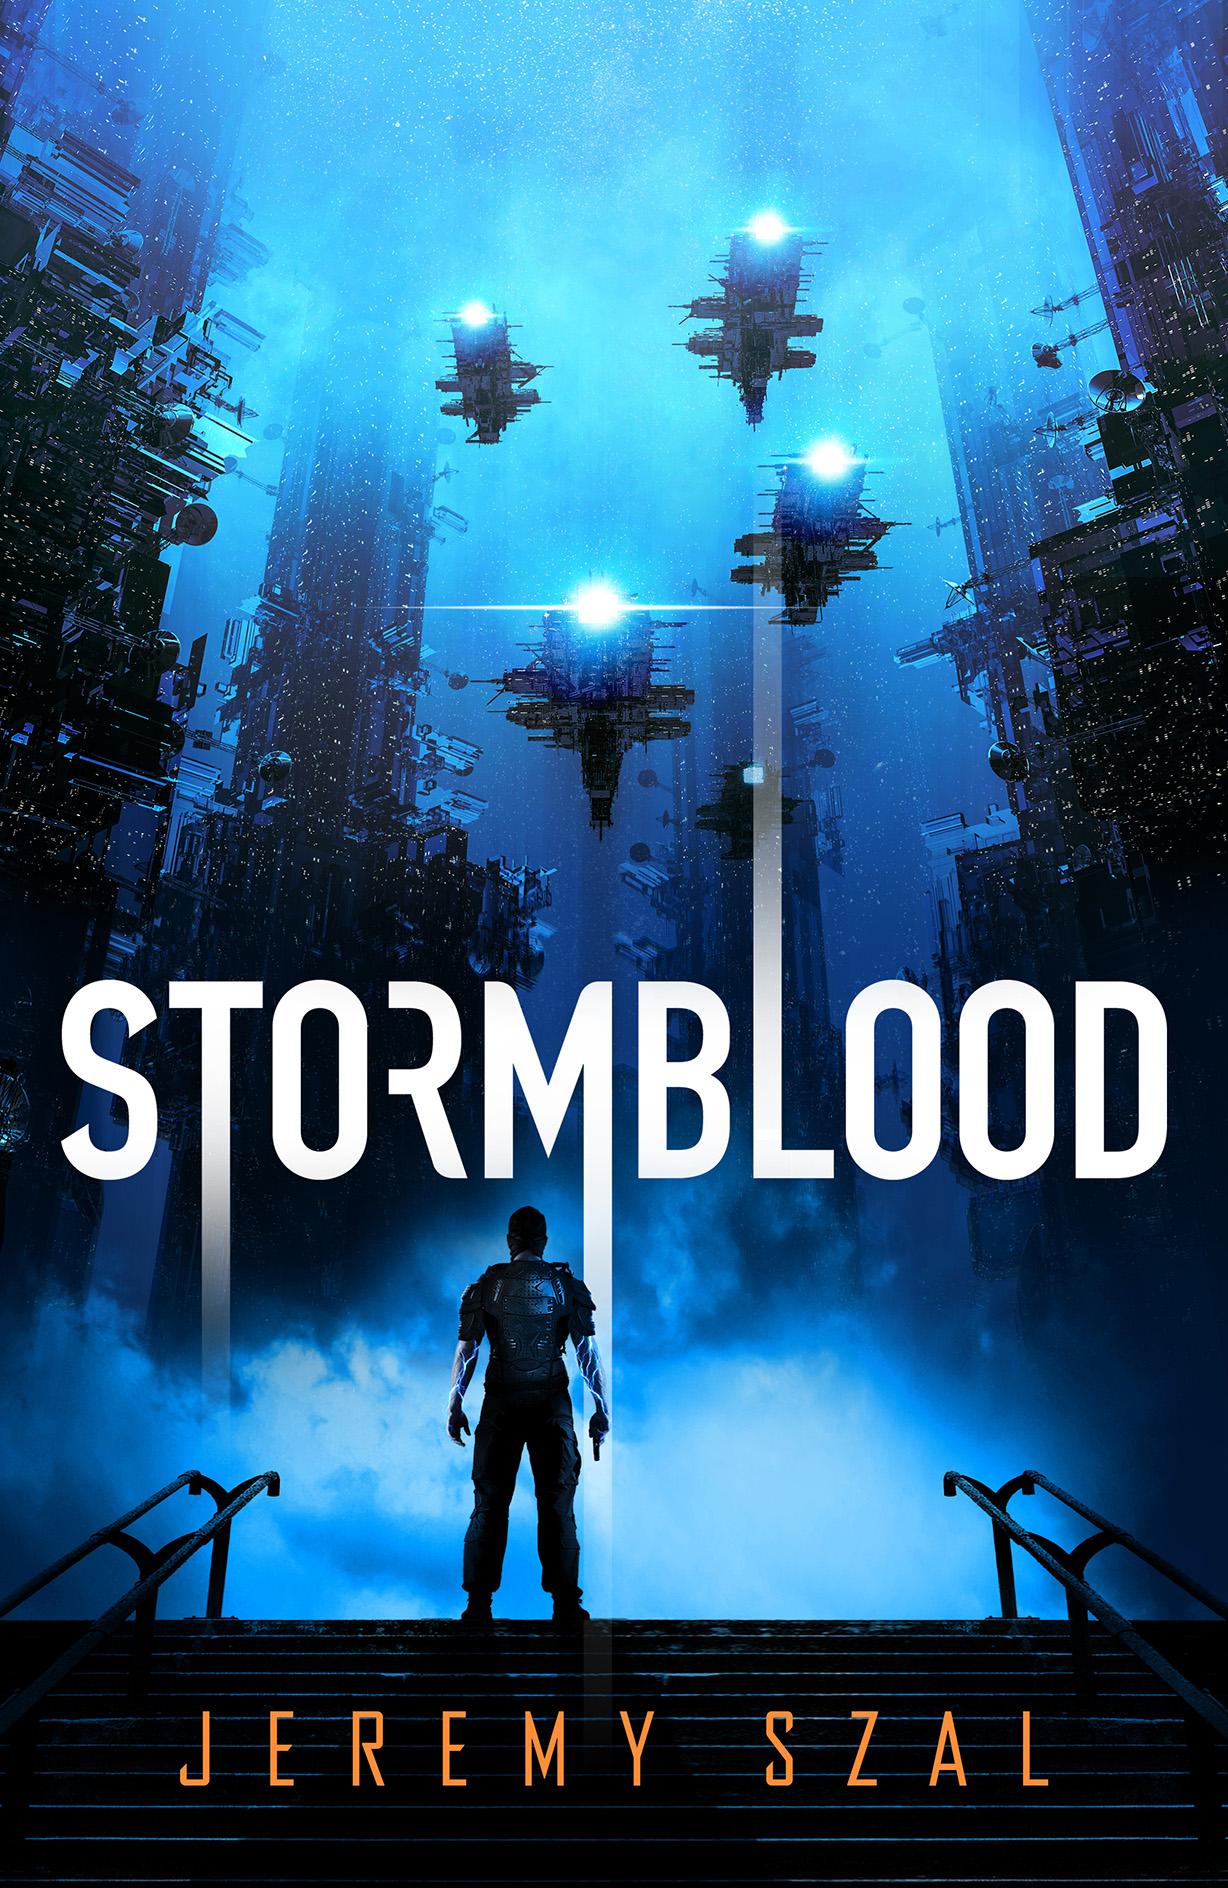 Stormblood cover art